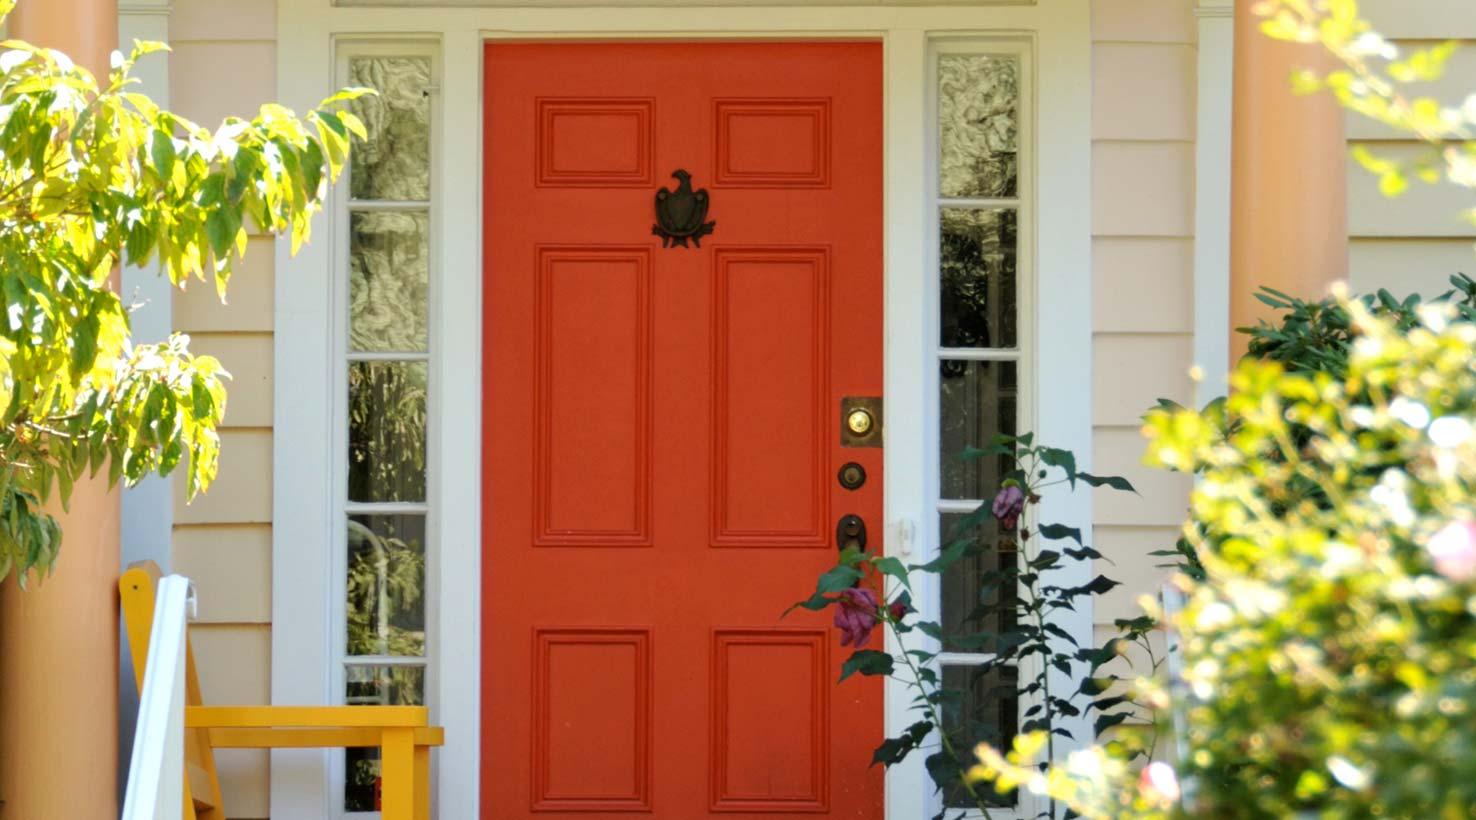 7-Inspirasi-Warna-Cat-Pintu-Rumah-Tercantik-yang-Bisa-Ditiru-oranye